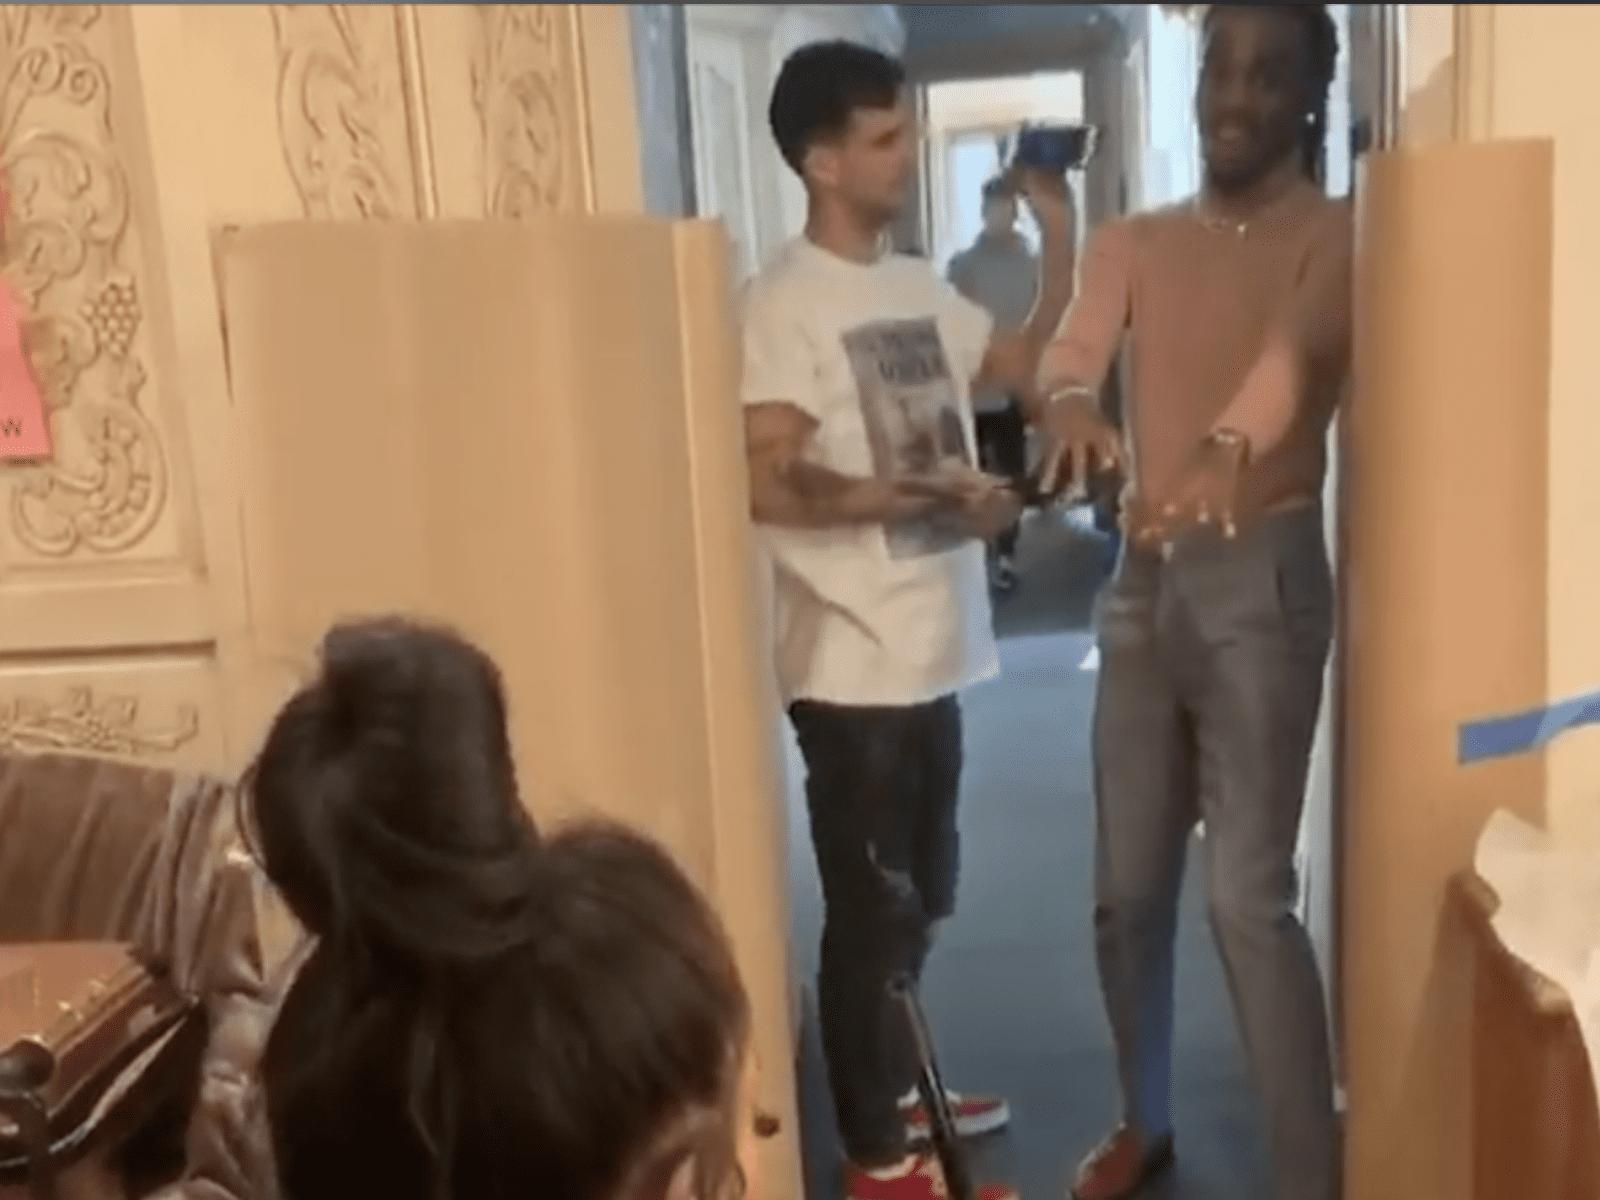 Quavo Saweetie Broom Challenge